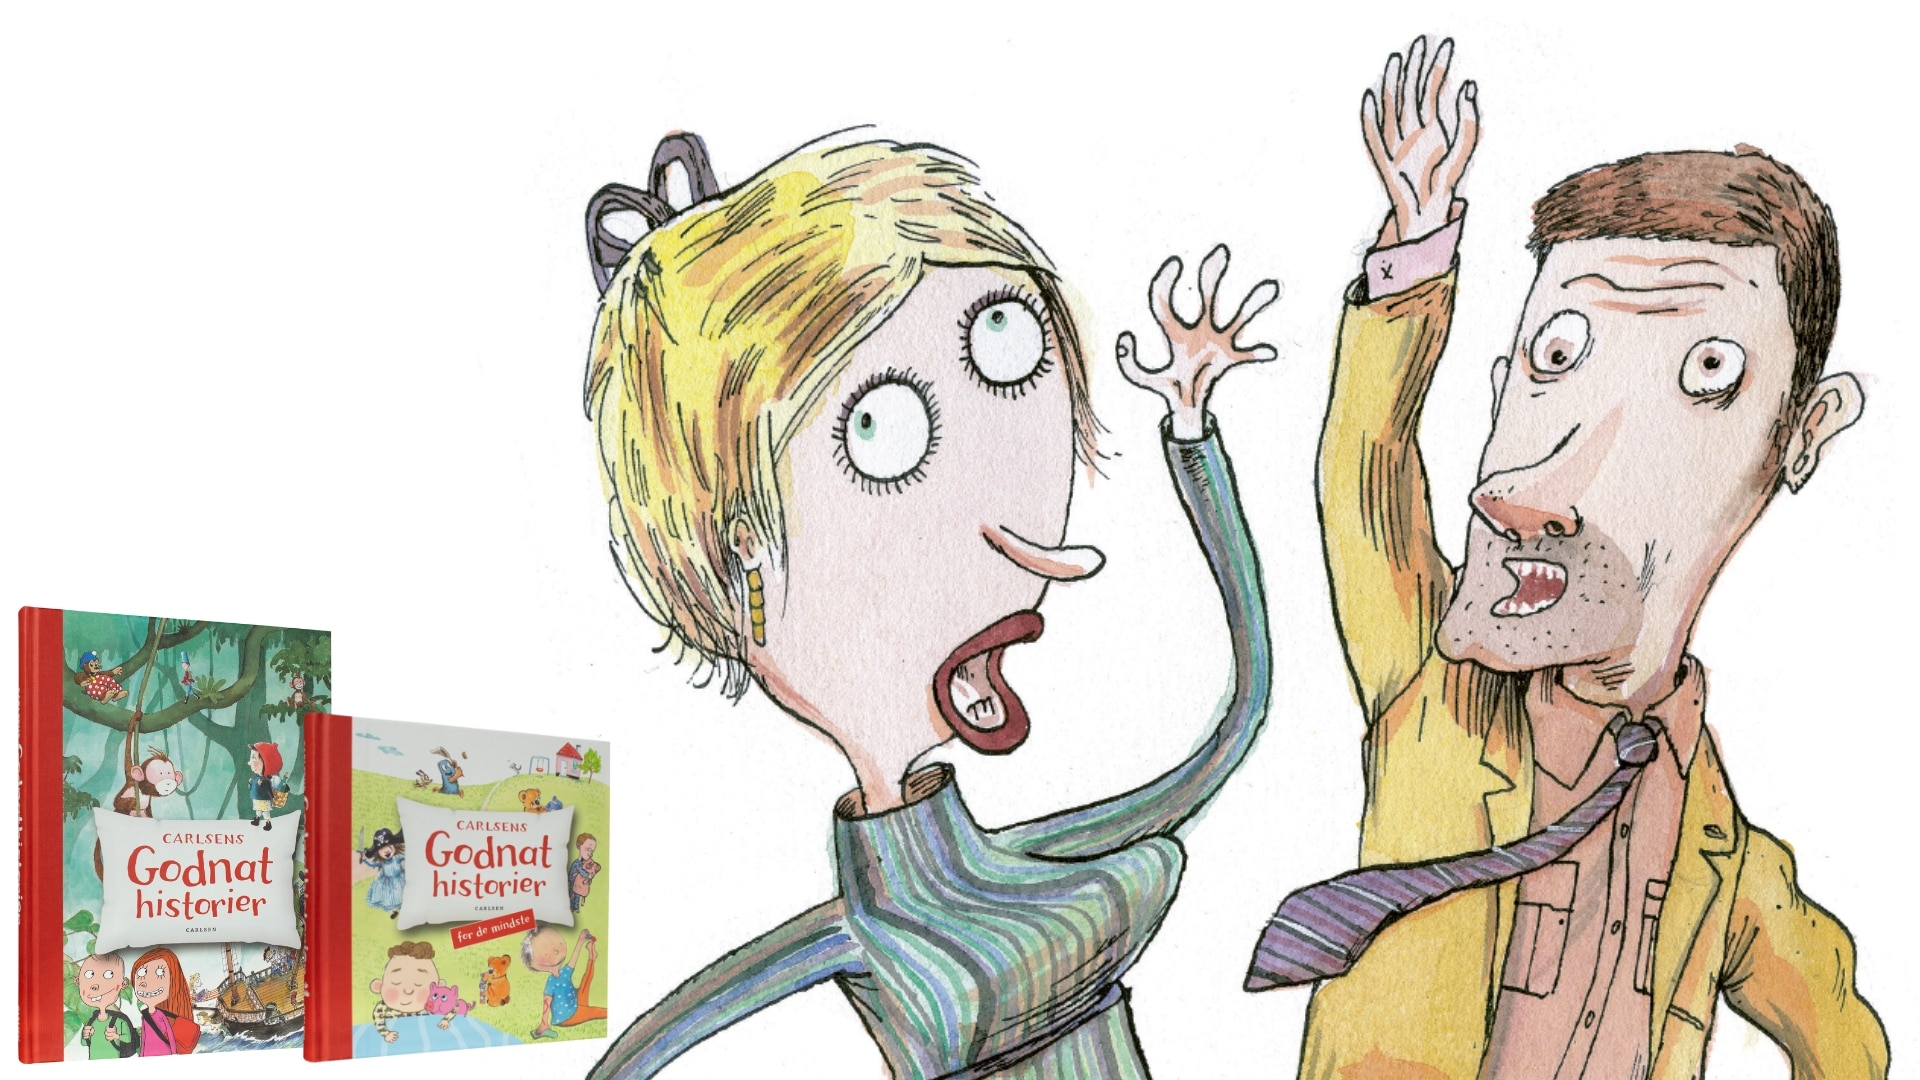 Carlsens godnathistorier, højtlæsning, godnathistorie, godnathistorier, børnebog, børnebøger